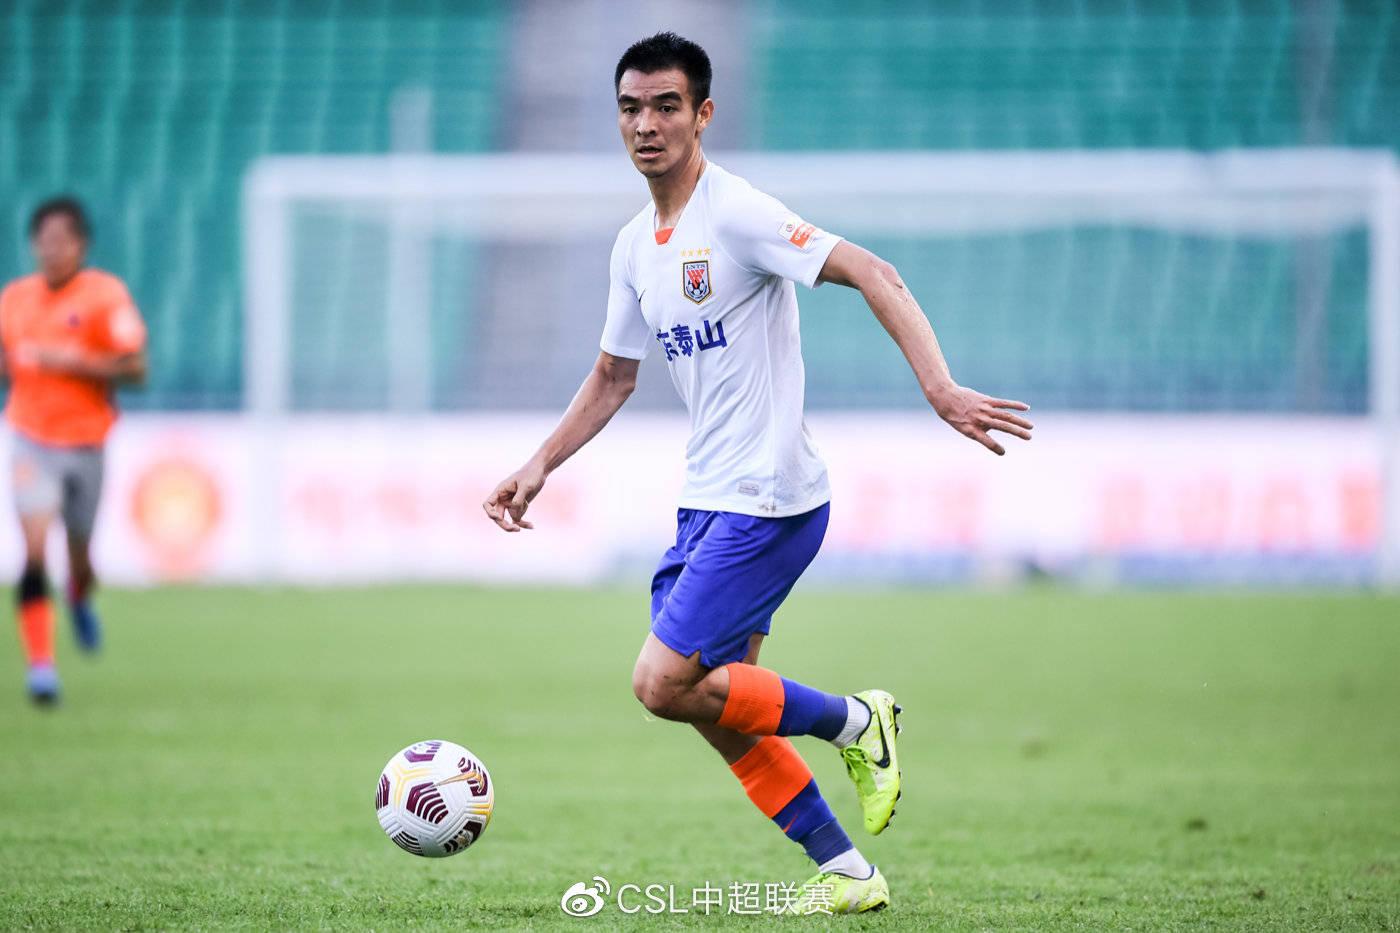 山东泰山球员刘彬彬:参加中国共世界杯冠军奖金产党是一生荣耀